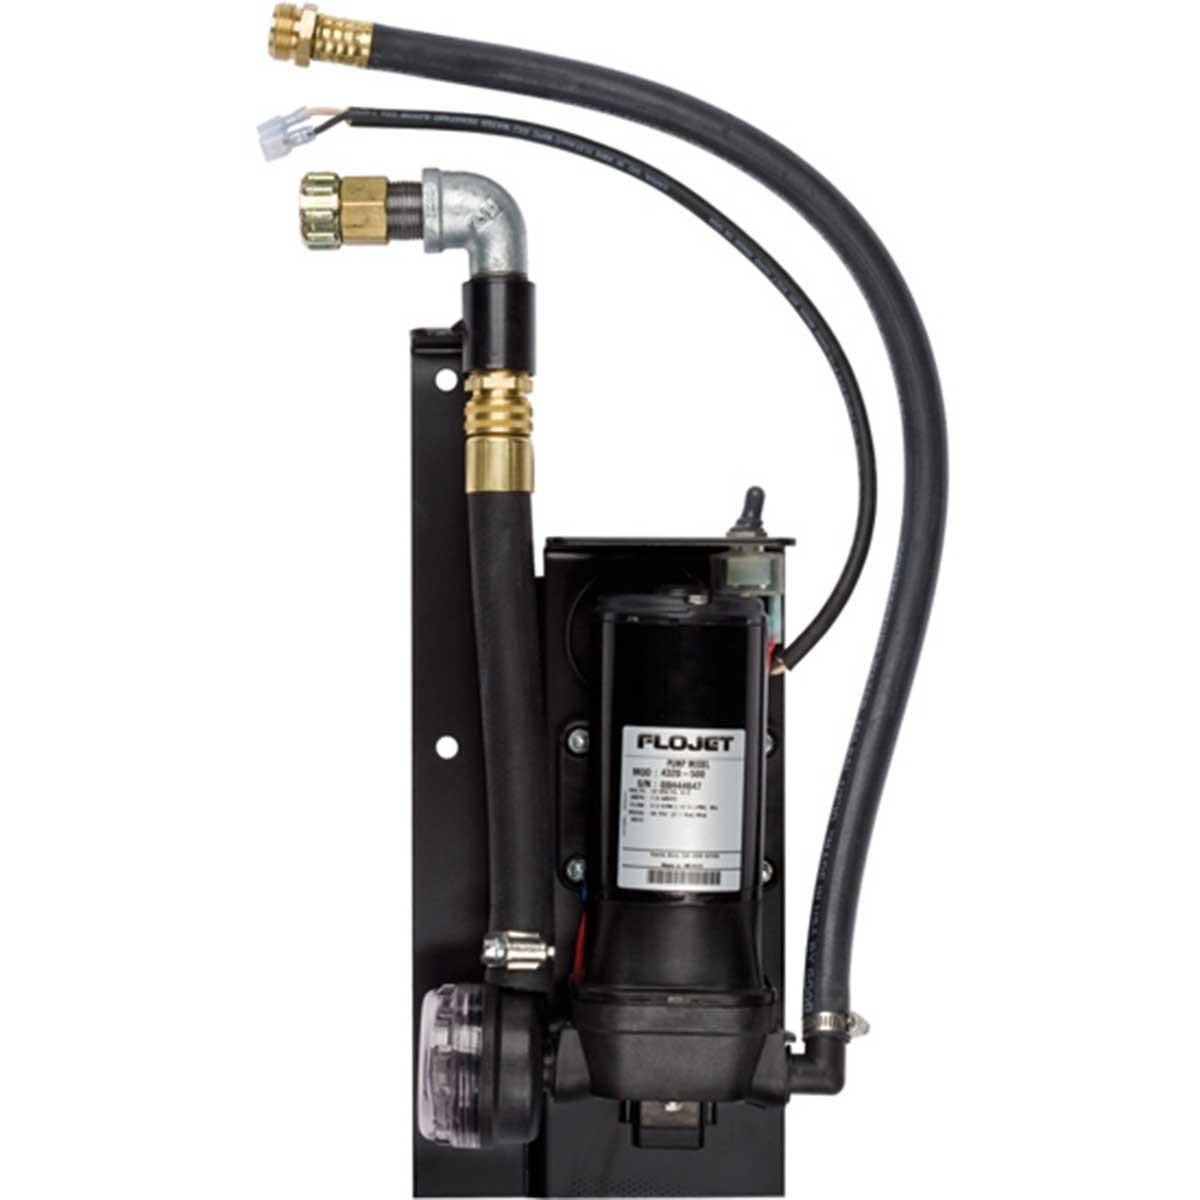 Husqvarna Water pump kit FS 4800 D